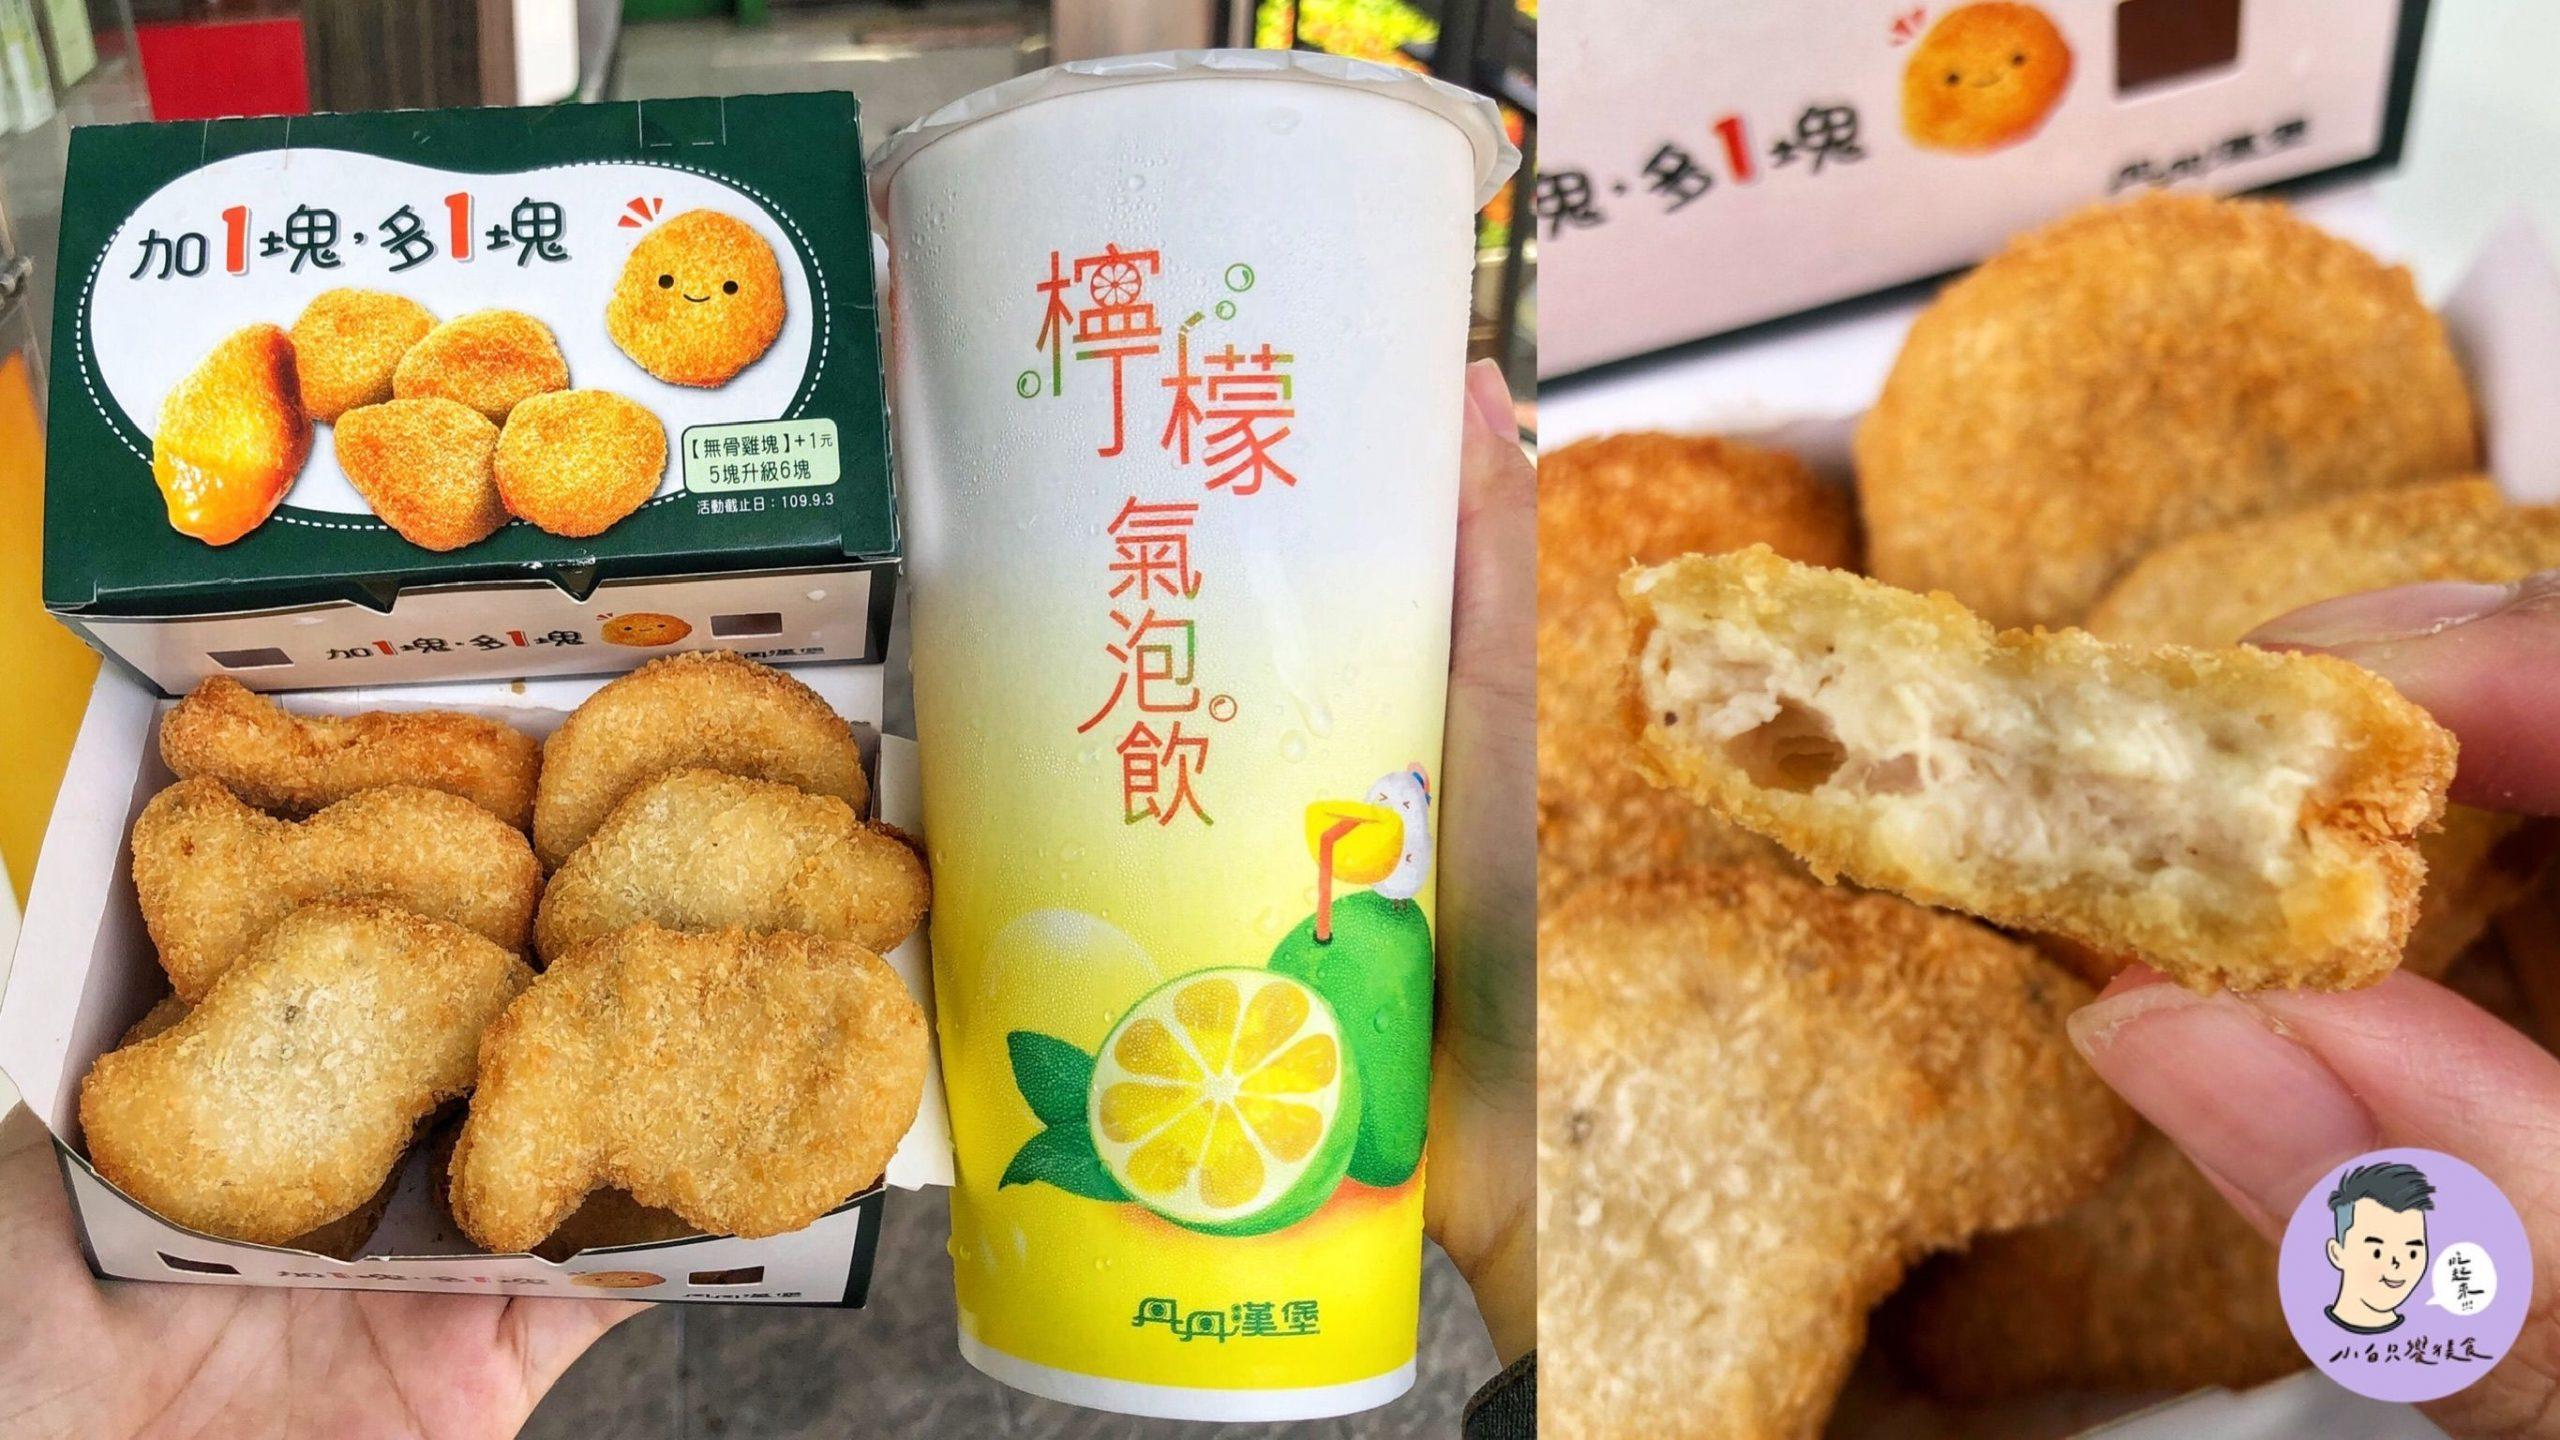 【丹丹漢堡】推出新優惠「無骨雞塊+1元多一塊、檸檬氣泡飲」限時特價!內文附2021新菜單及優惠